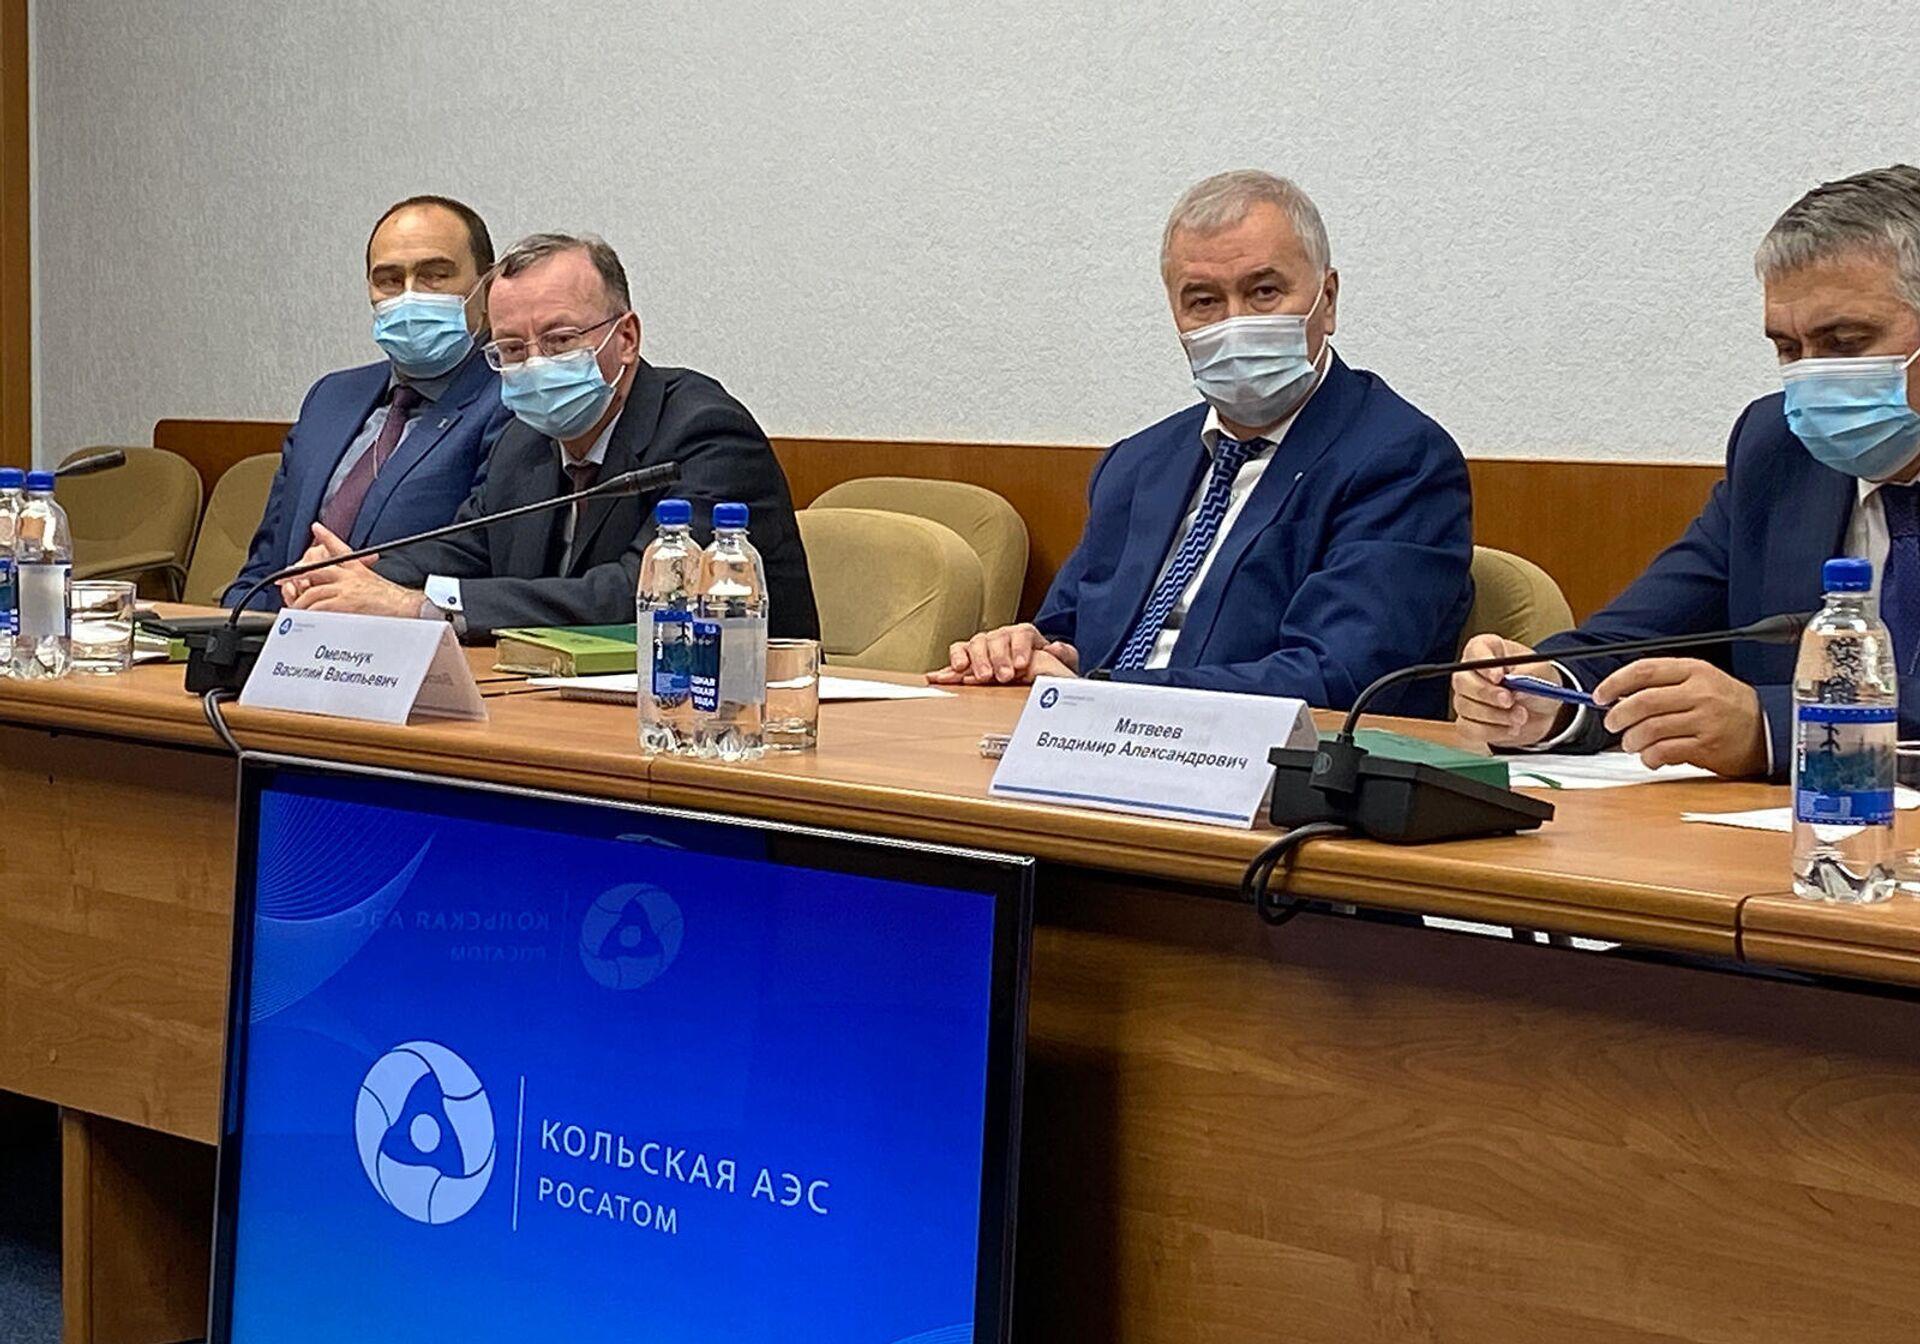 Руководство Кольской АЭС на встрече с армянскими экспертами и журналистами - Sputnik Армения, 1920, 22.09.2021